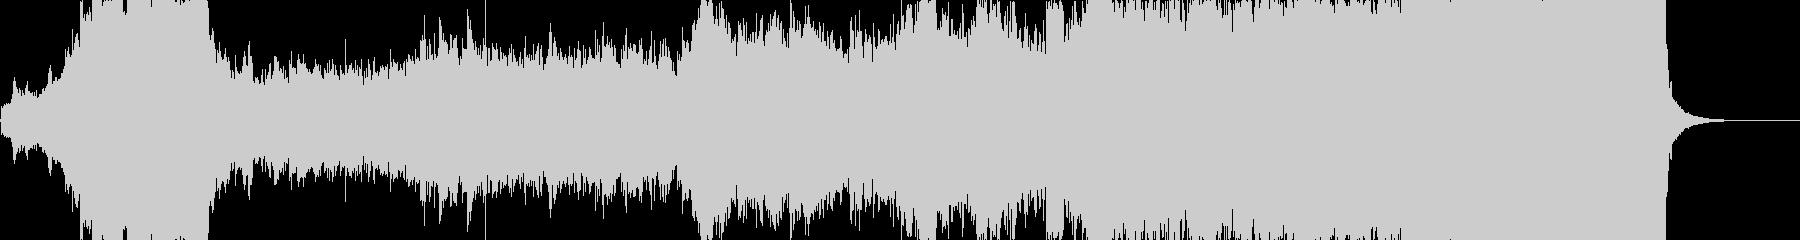 Genesisの未再生の波形